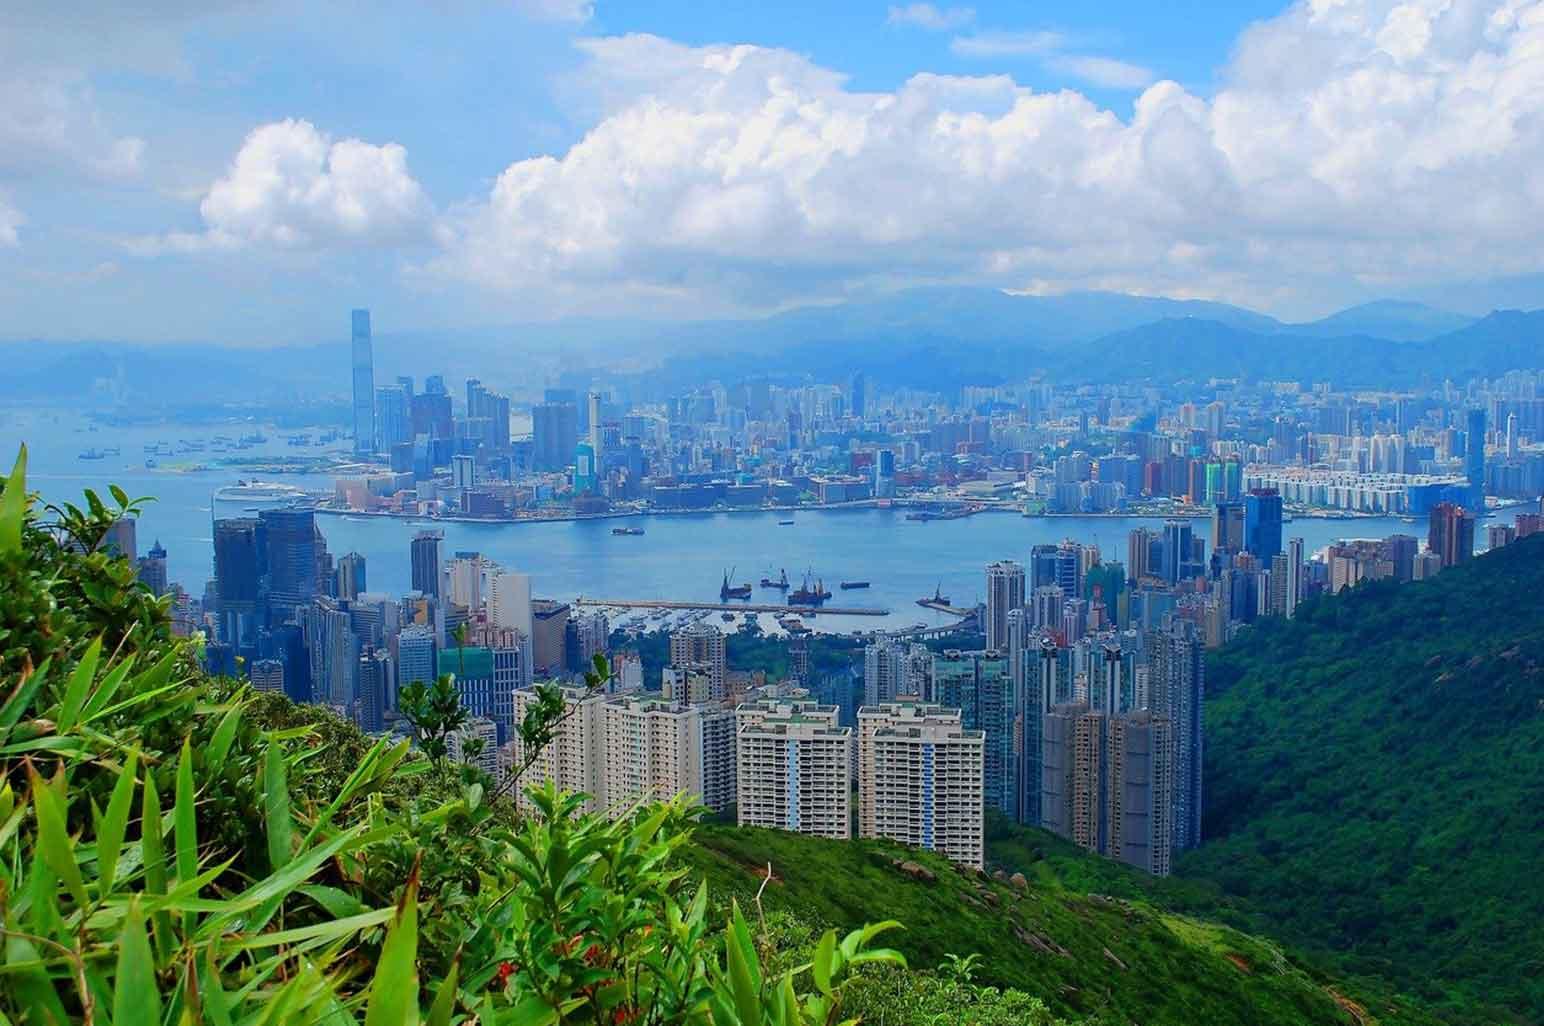 Hiking Spots in Hong Kong